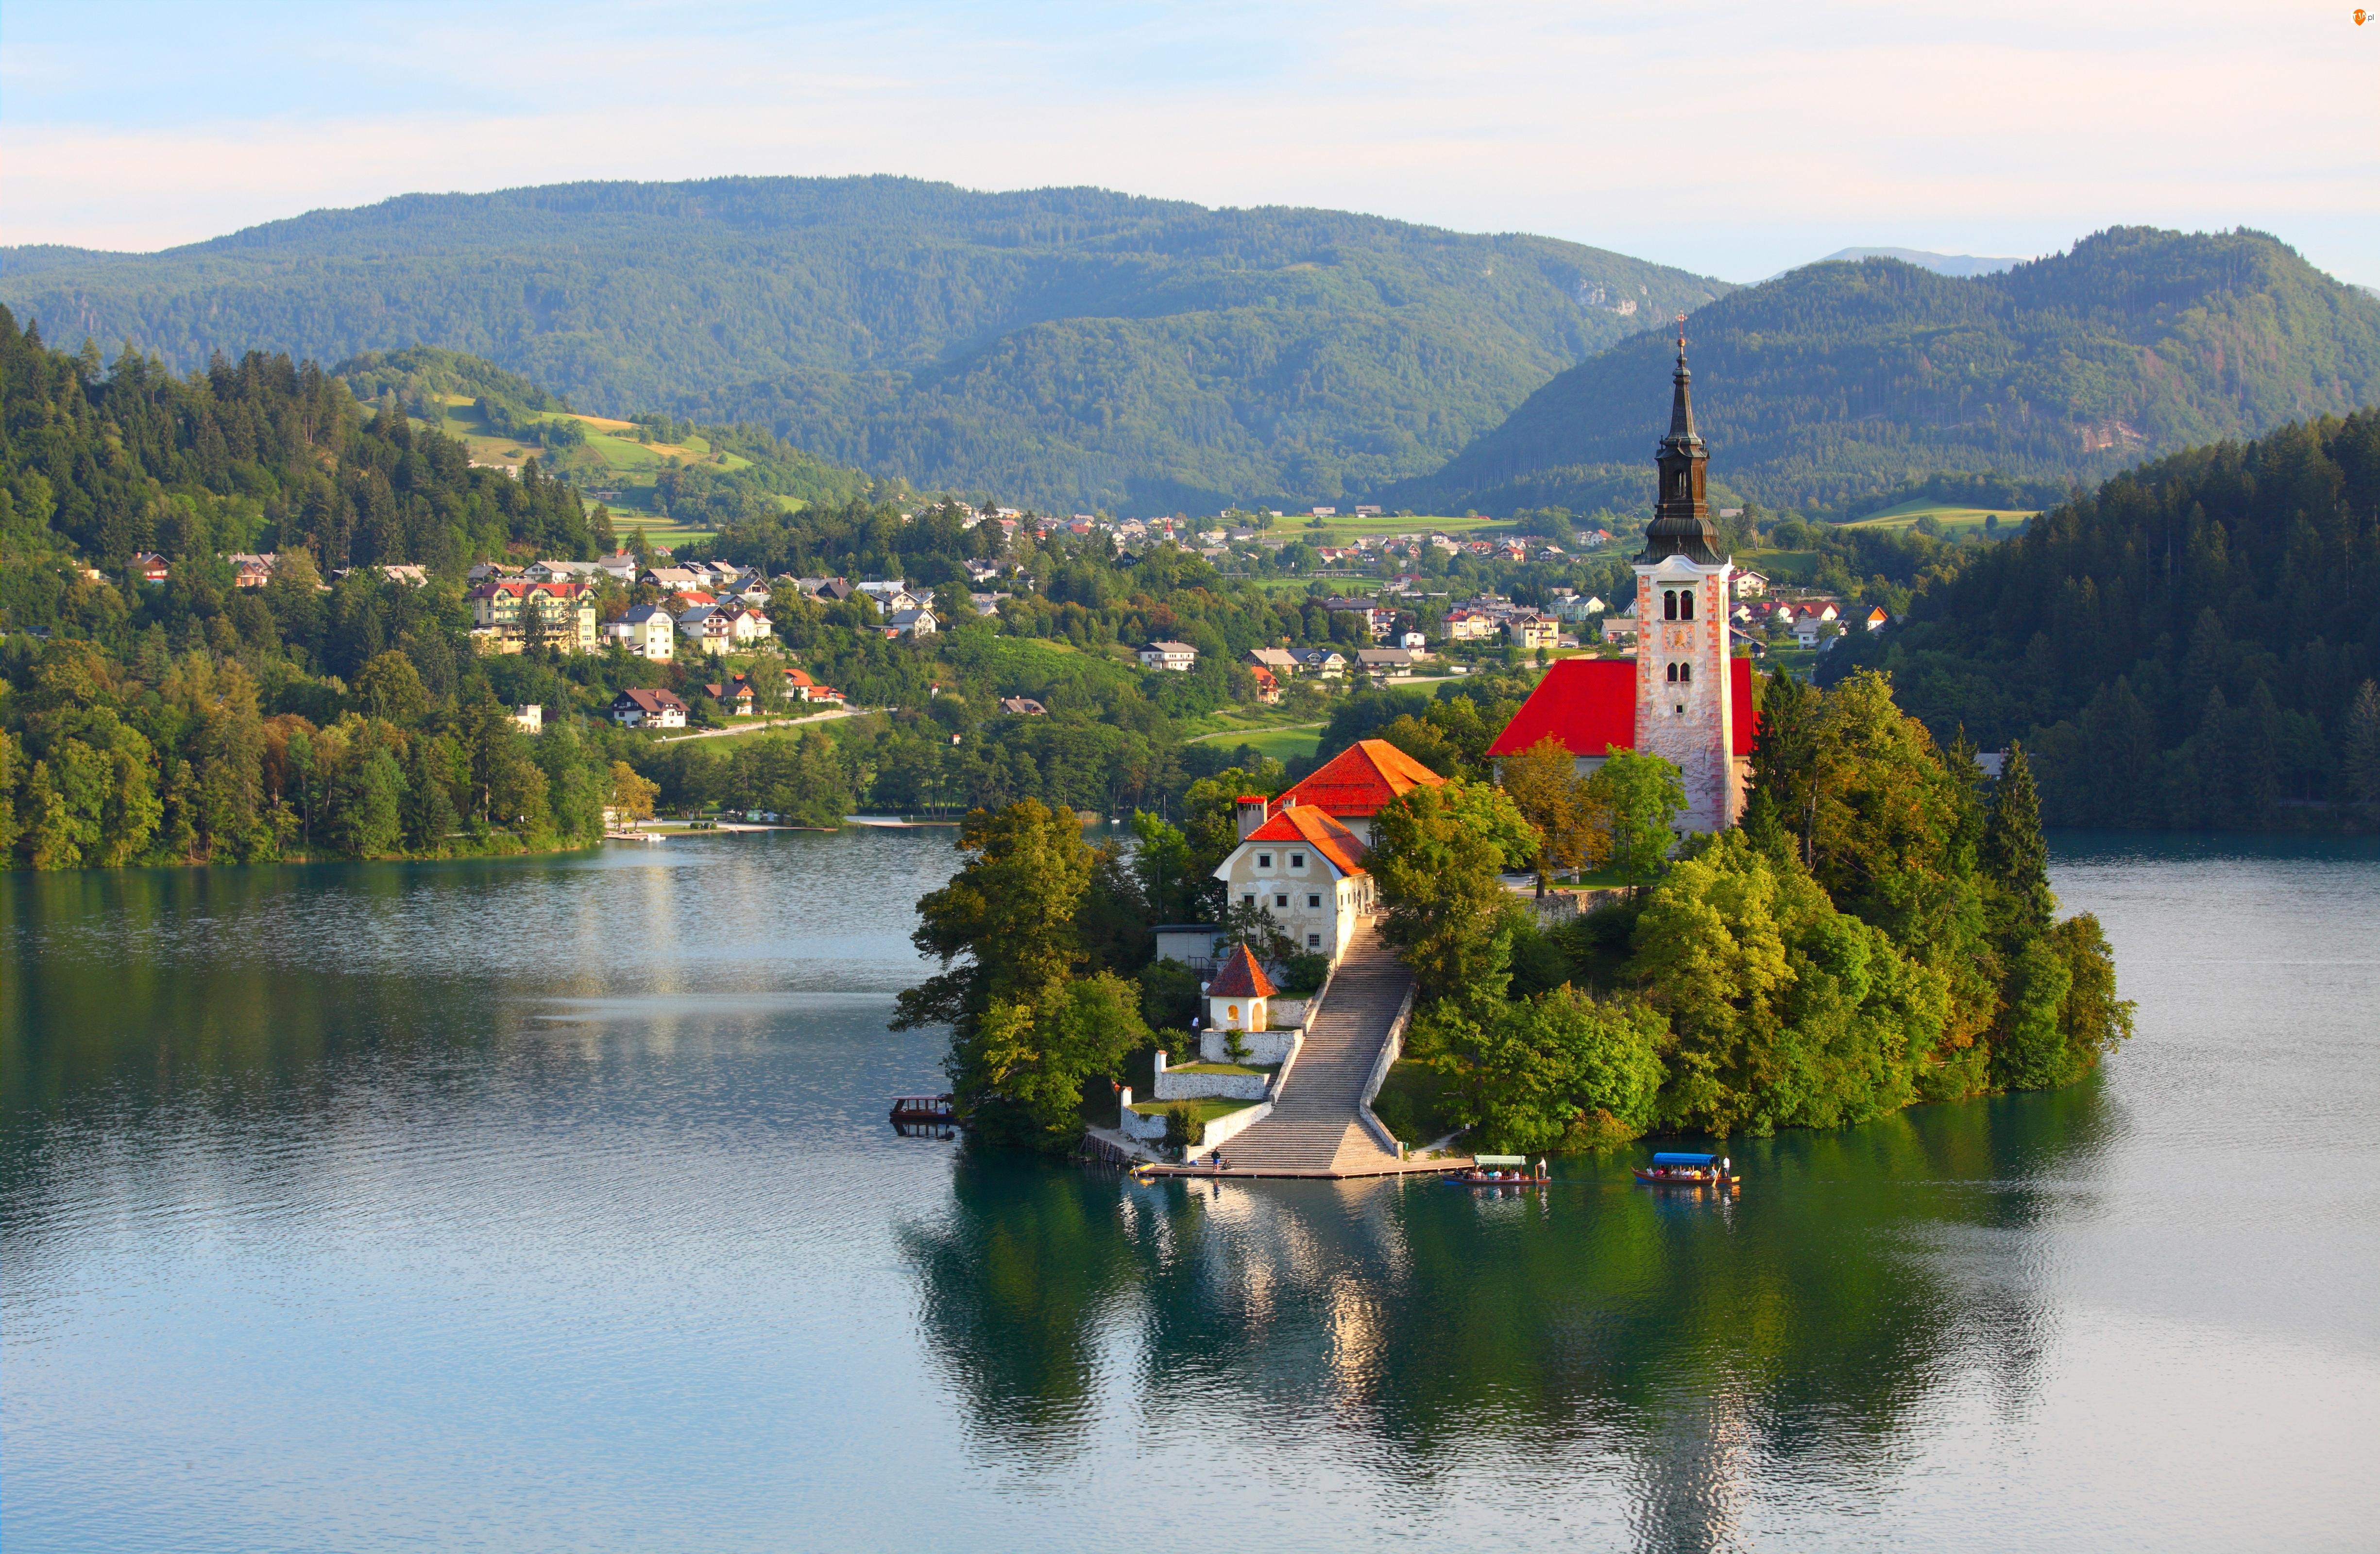 Kościół, Słowenia, Drzewa, Jezioro Bled, Wyspa Blejski Otok